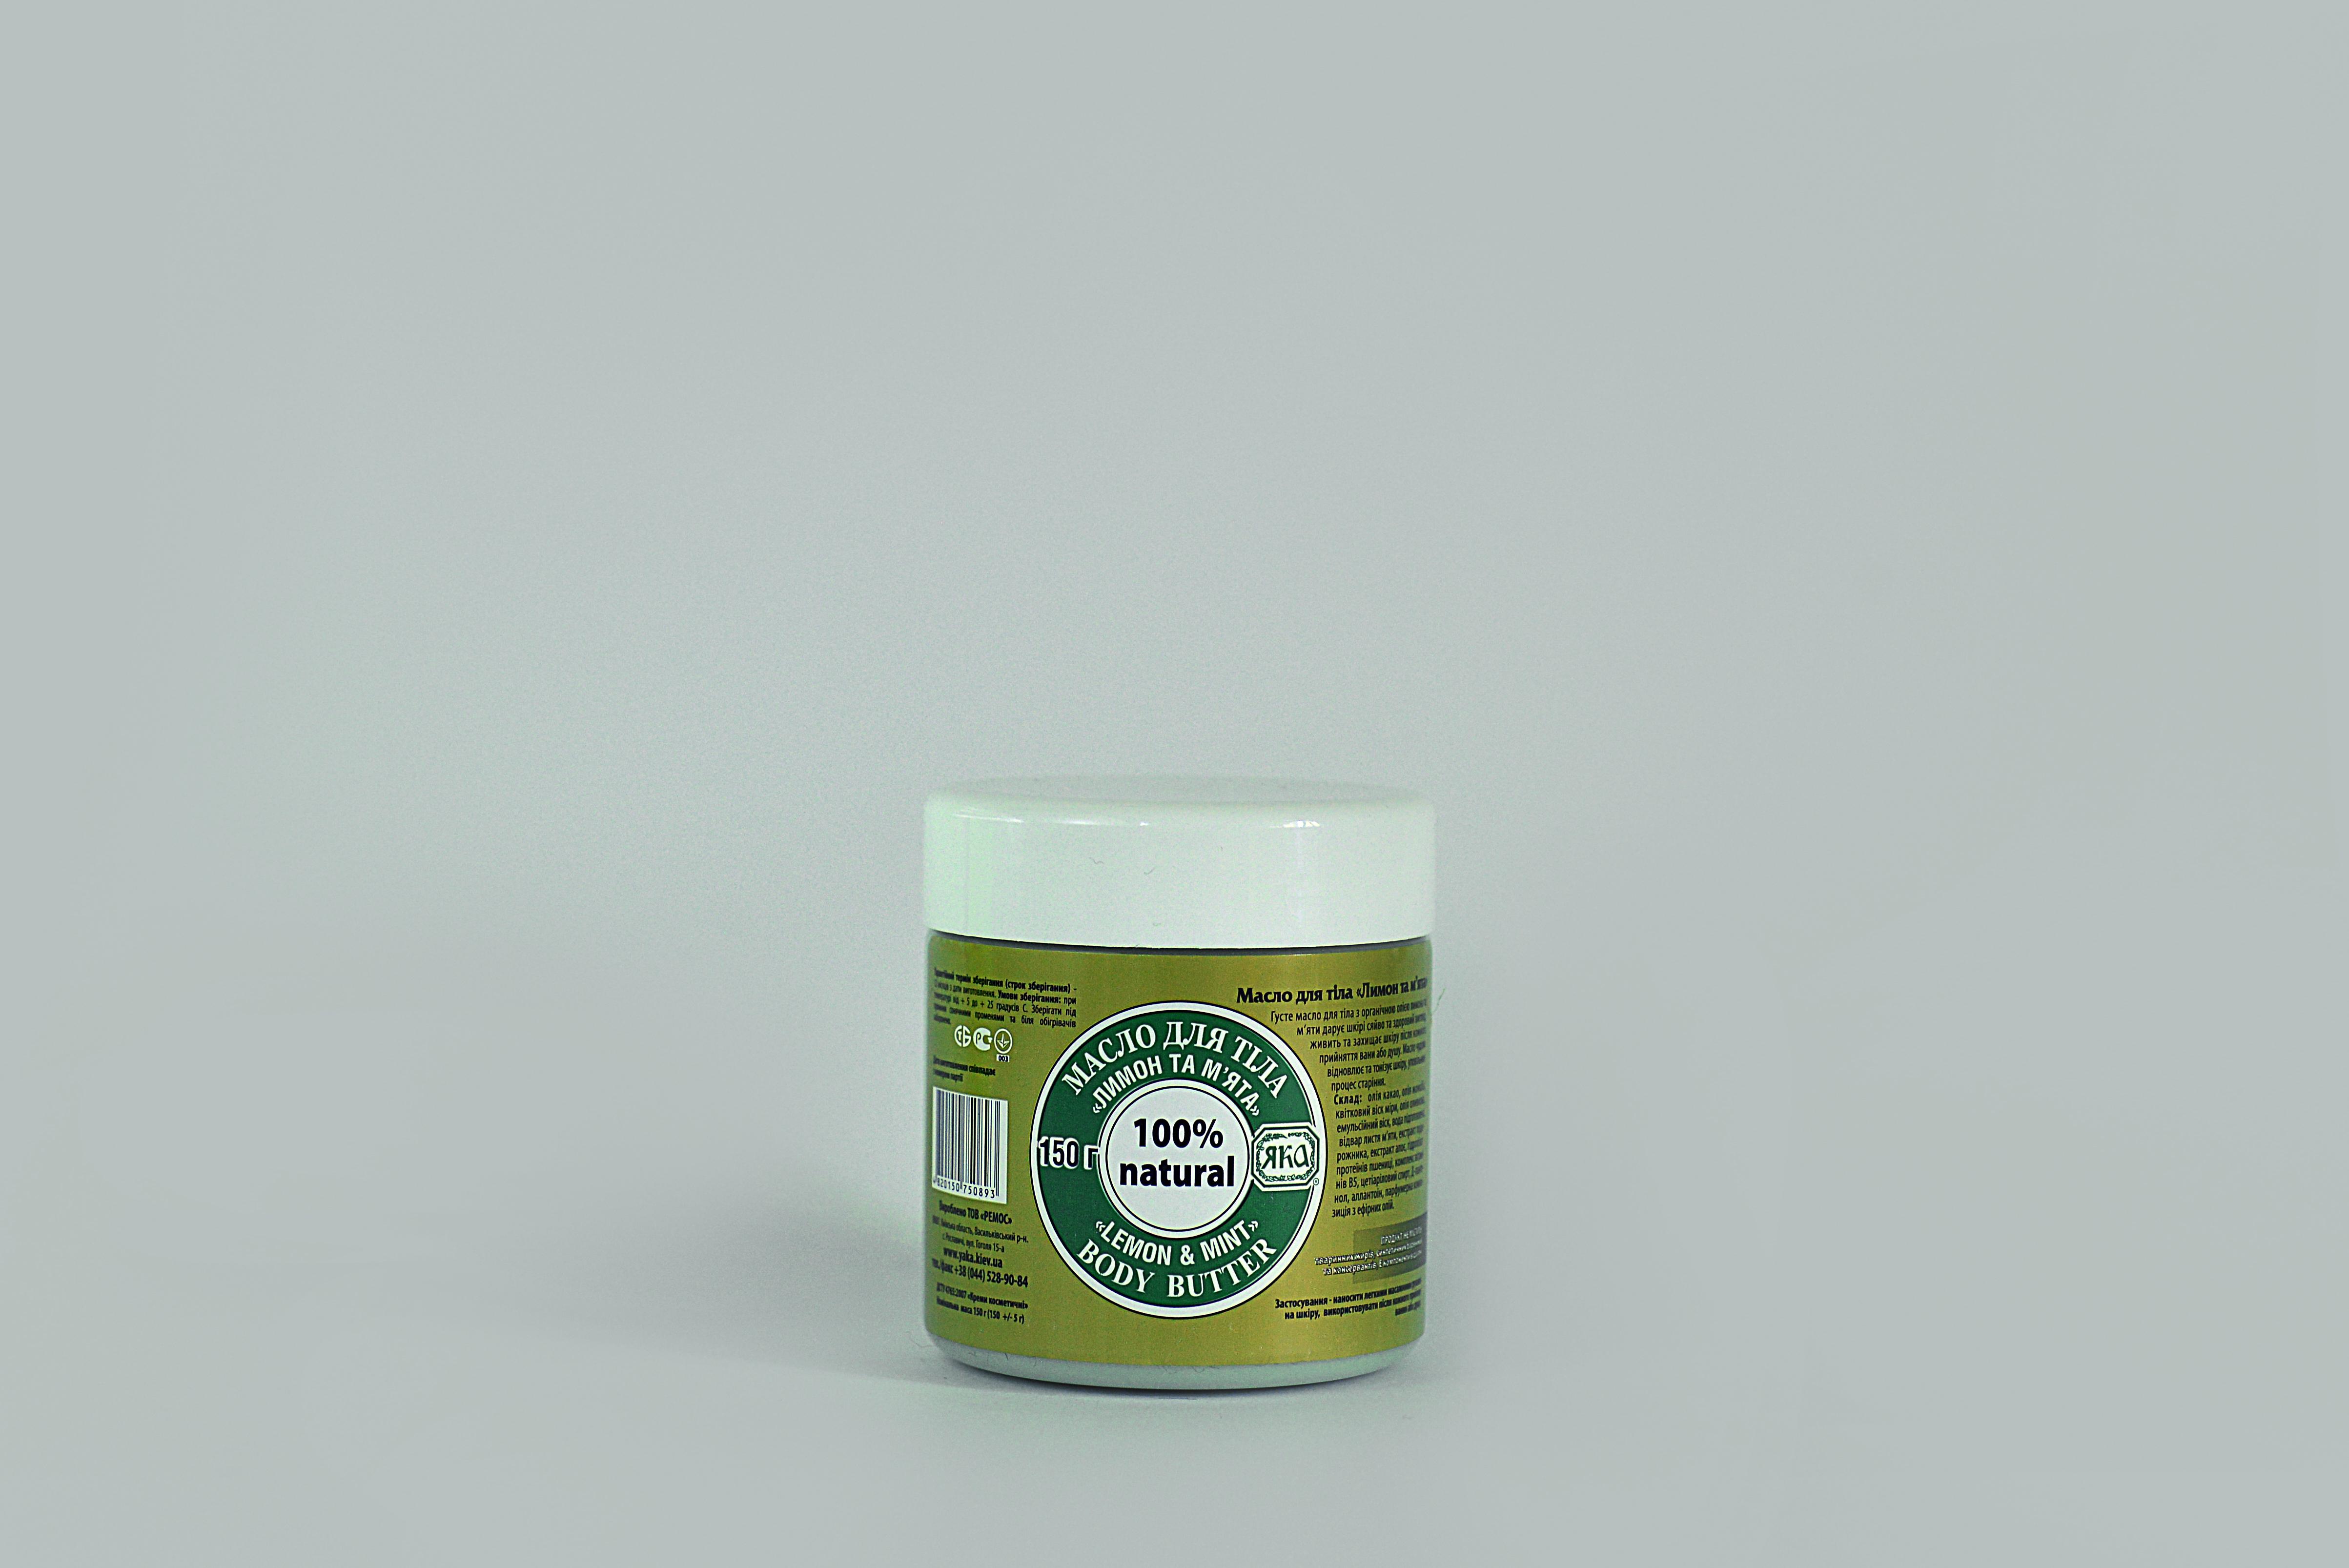 Масло для тела Лимон и мята Яка 150 г